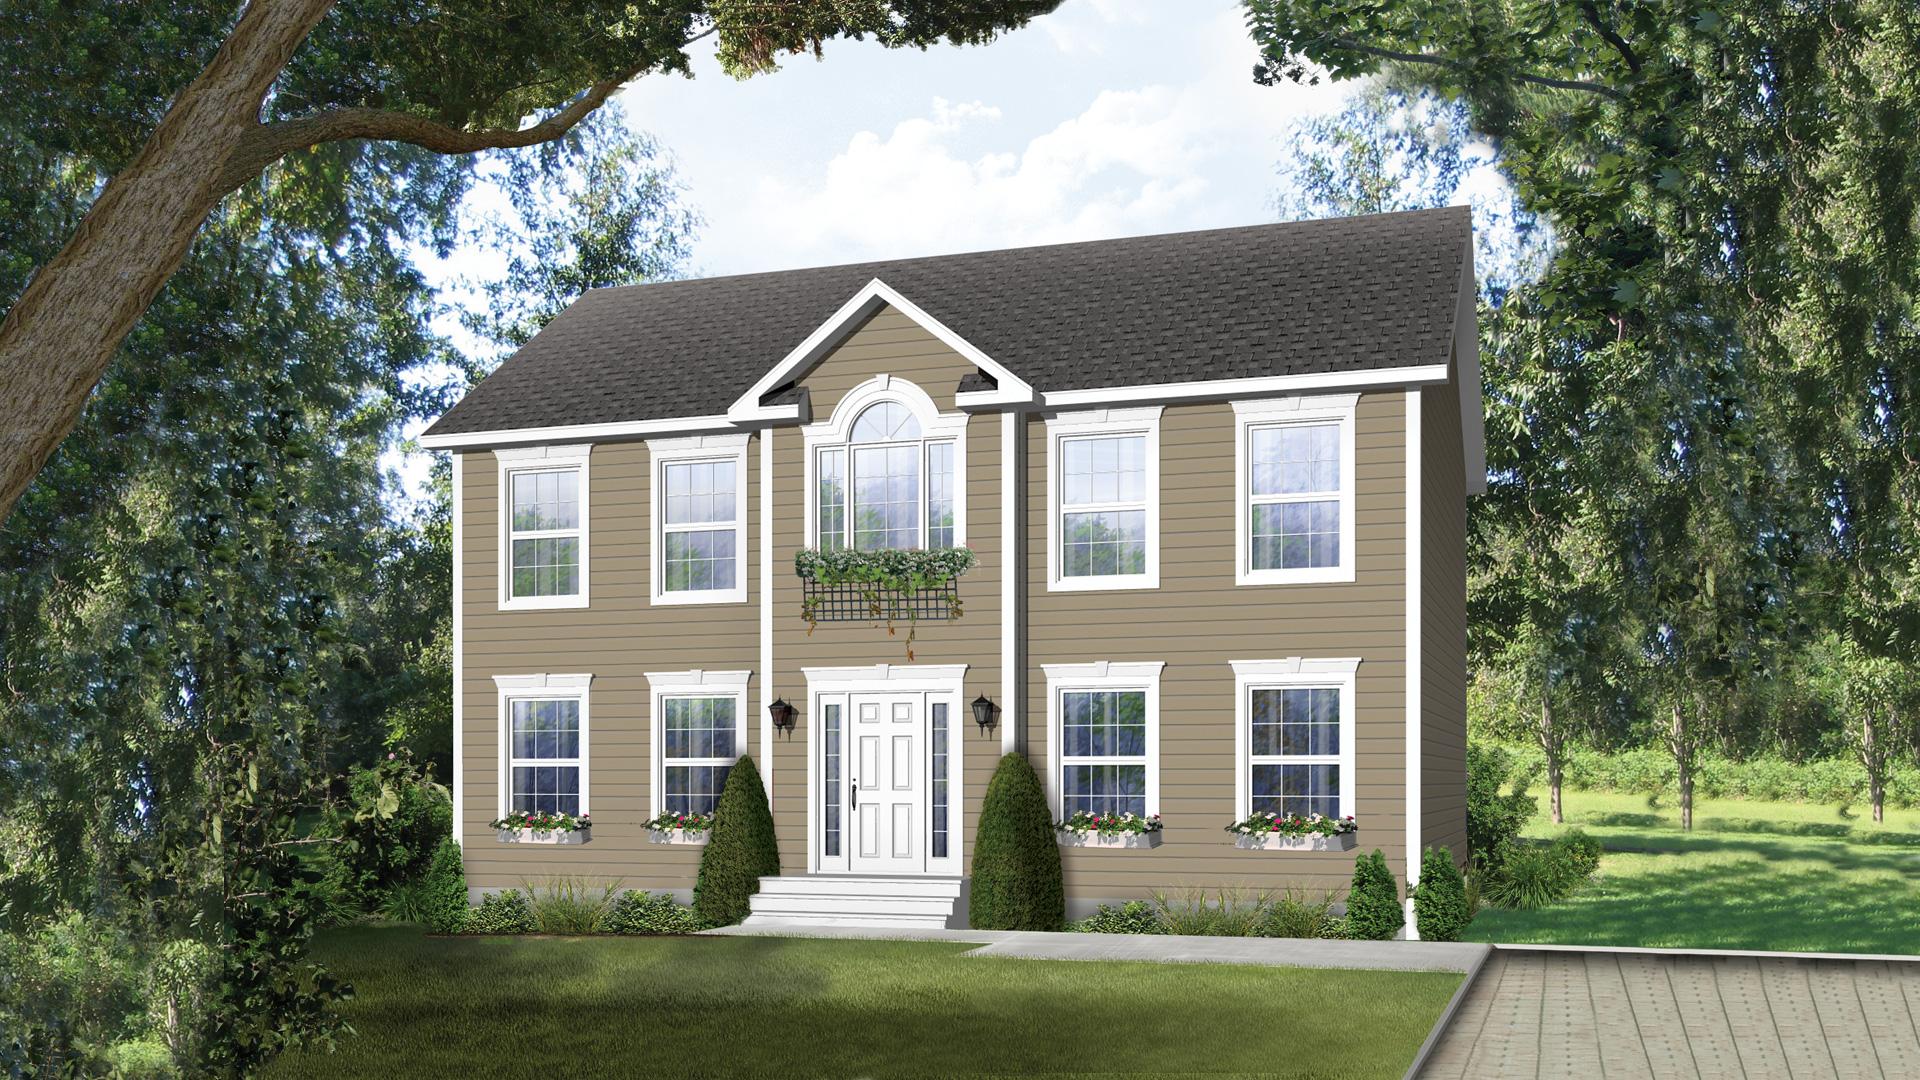 Mod le st malo maison de style tradition pro fab for Constructeur de maison individuelle saint malo